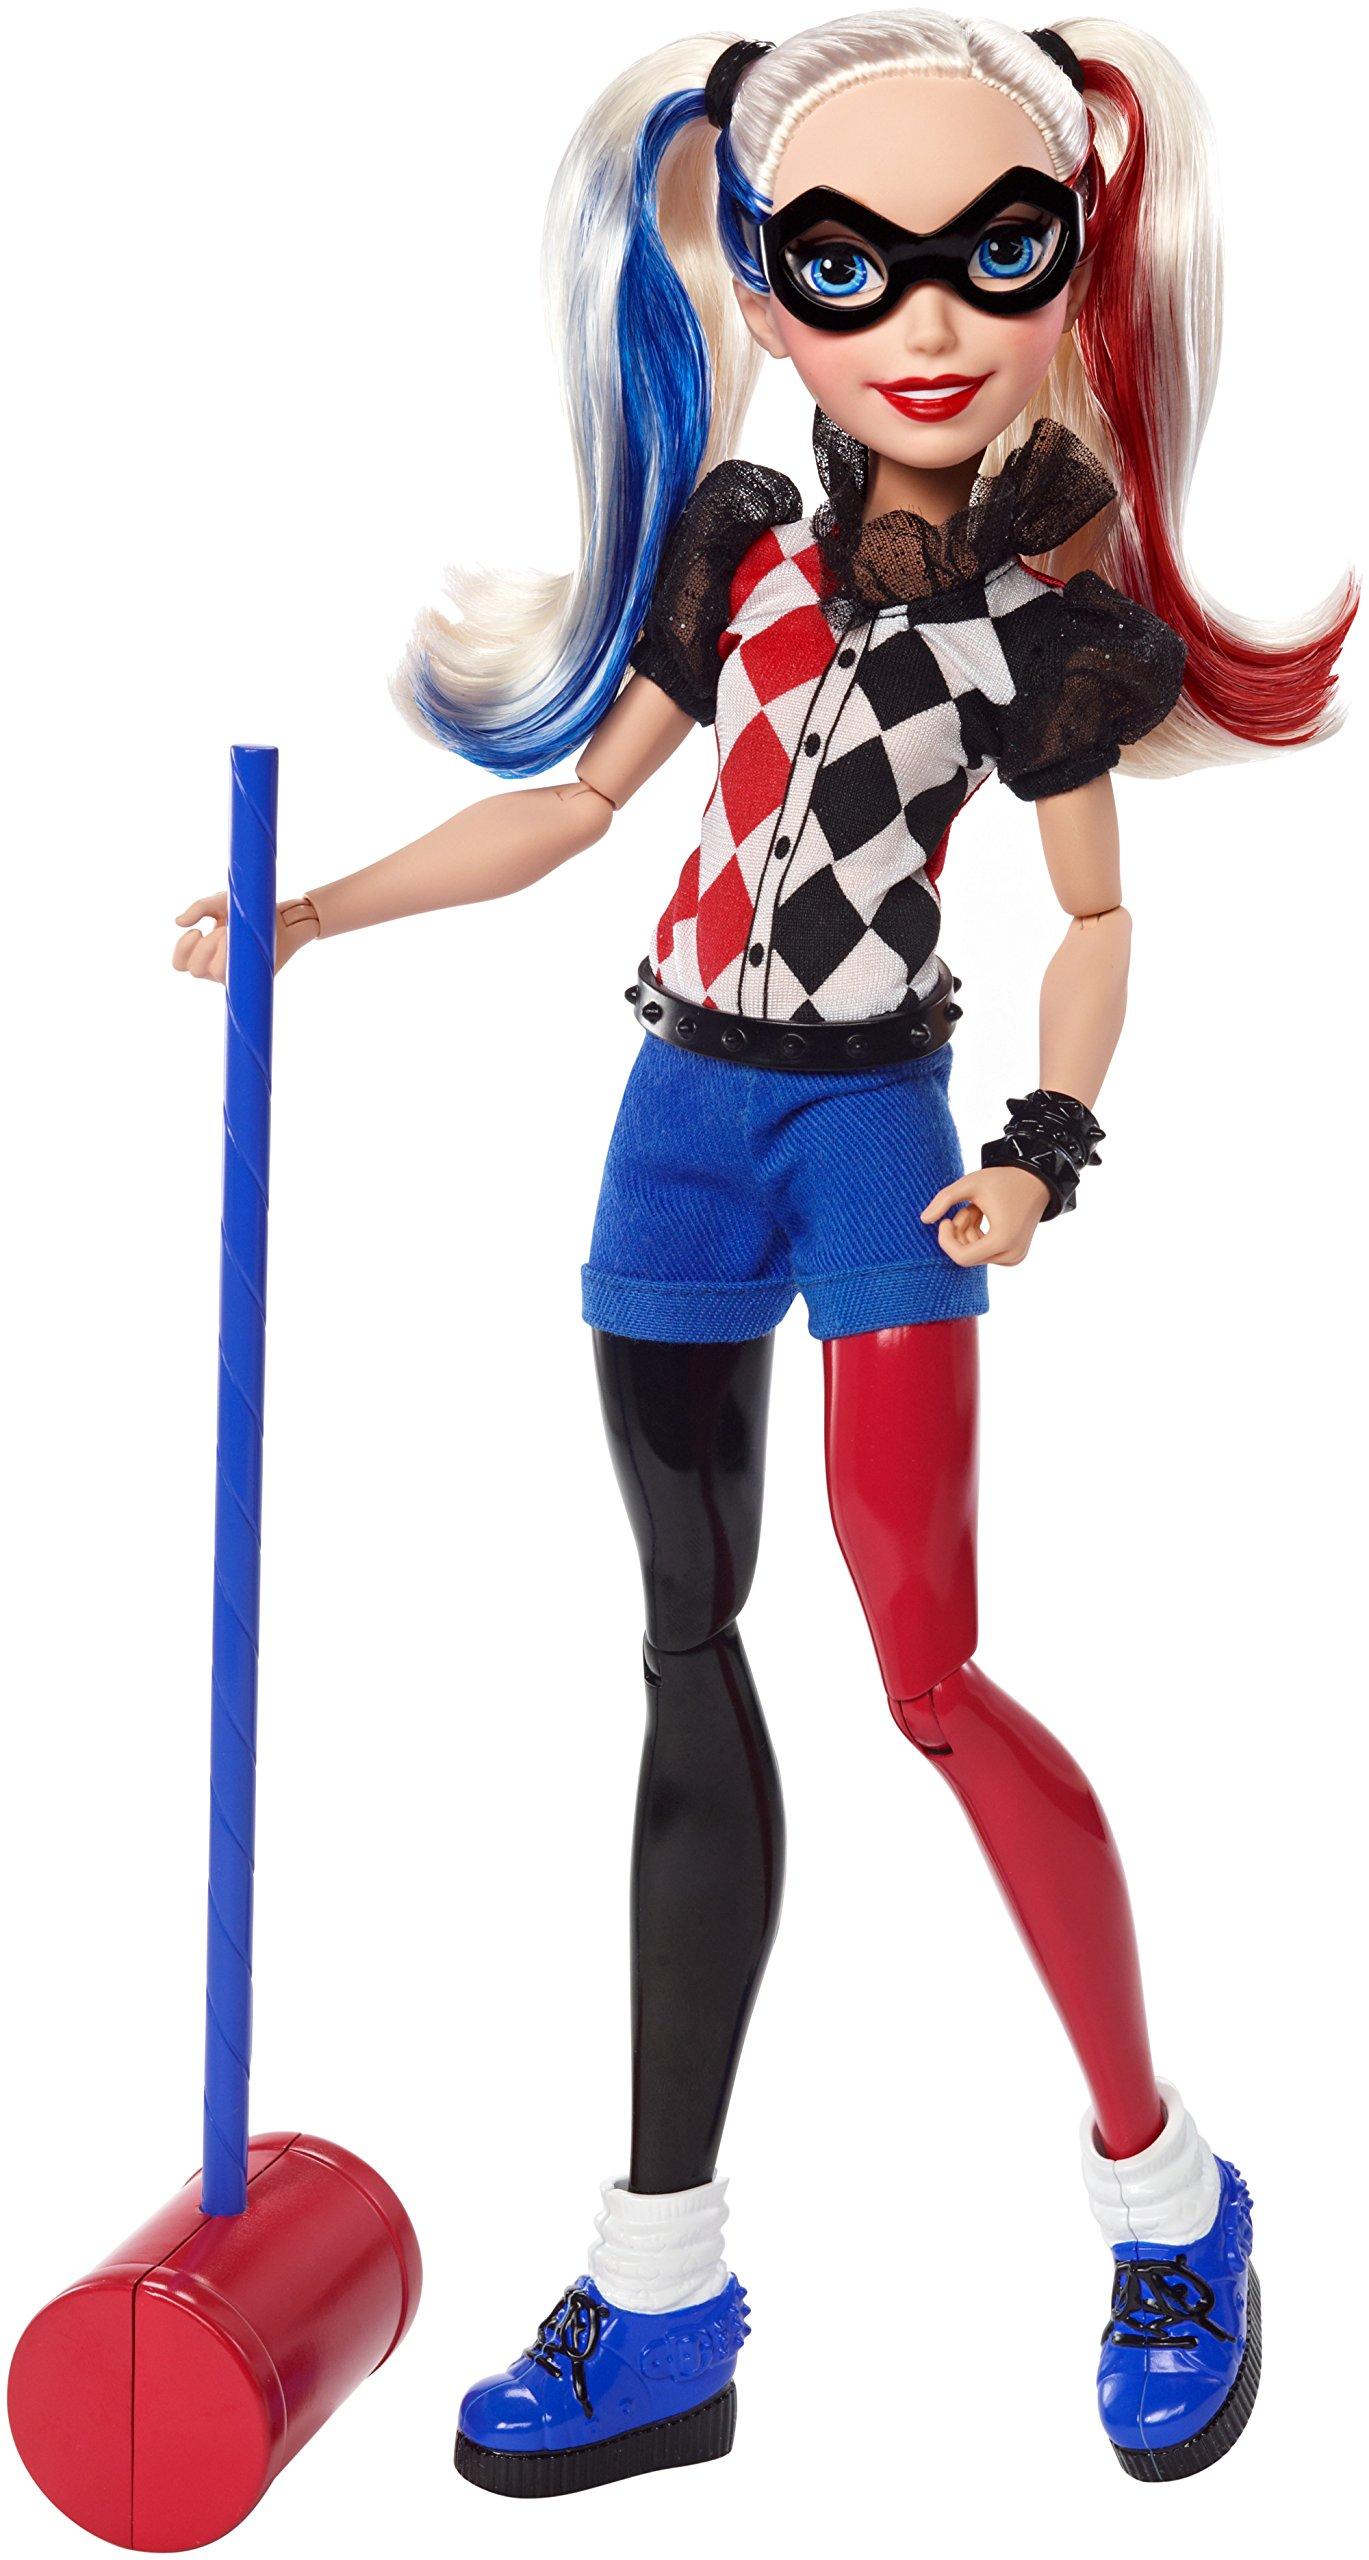 DC Super Hero Girls Harley Quinn 12'' Action Doll